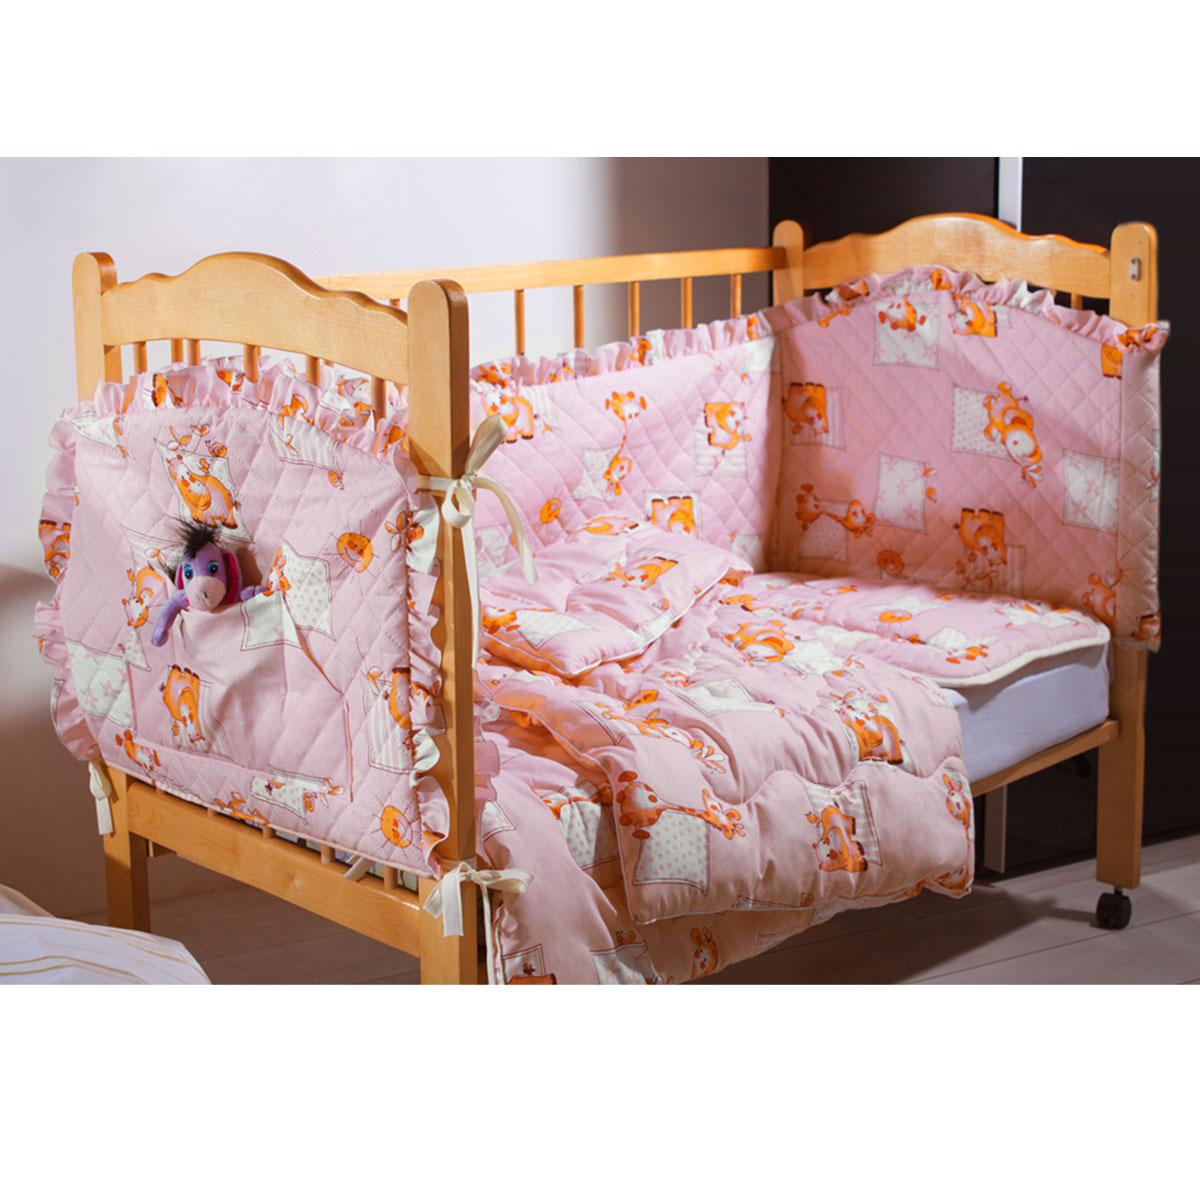 Комплект в кроватку Primavelle Кроха, цвет: розовый, 5 предметов. 601104005-26